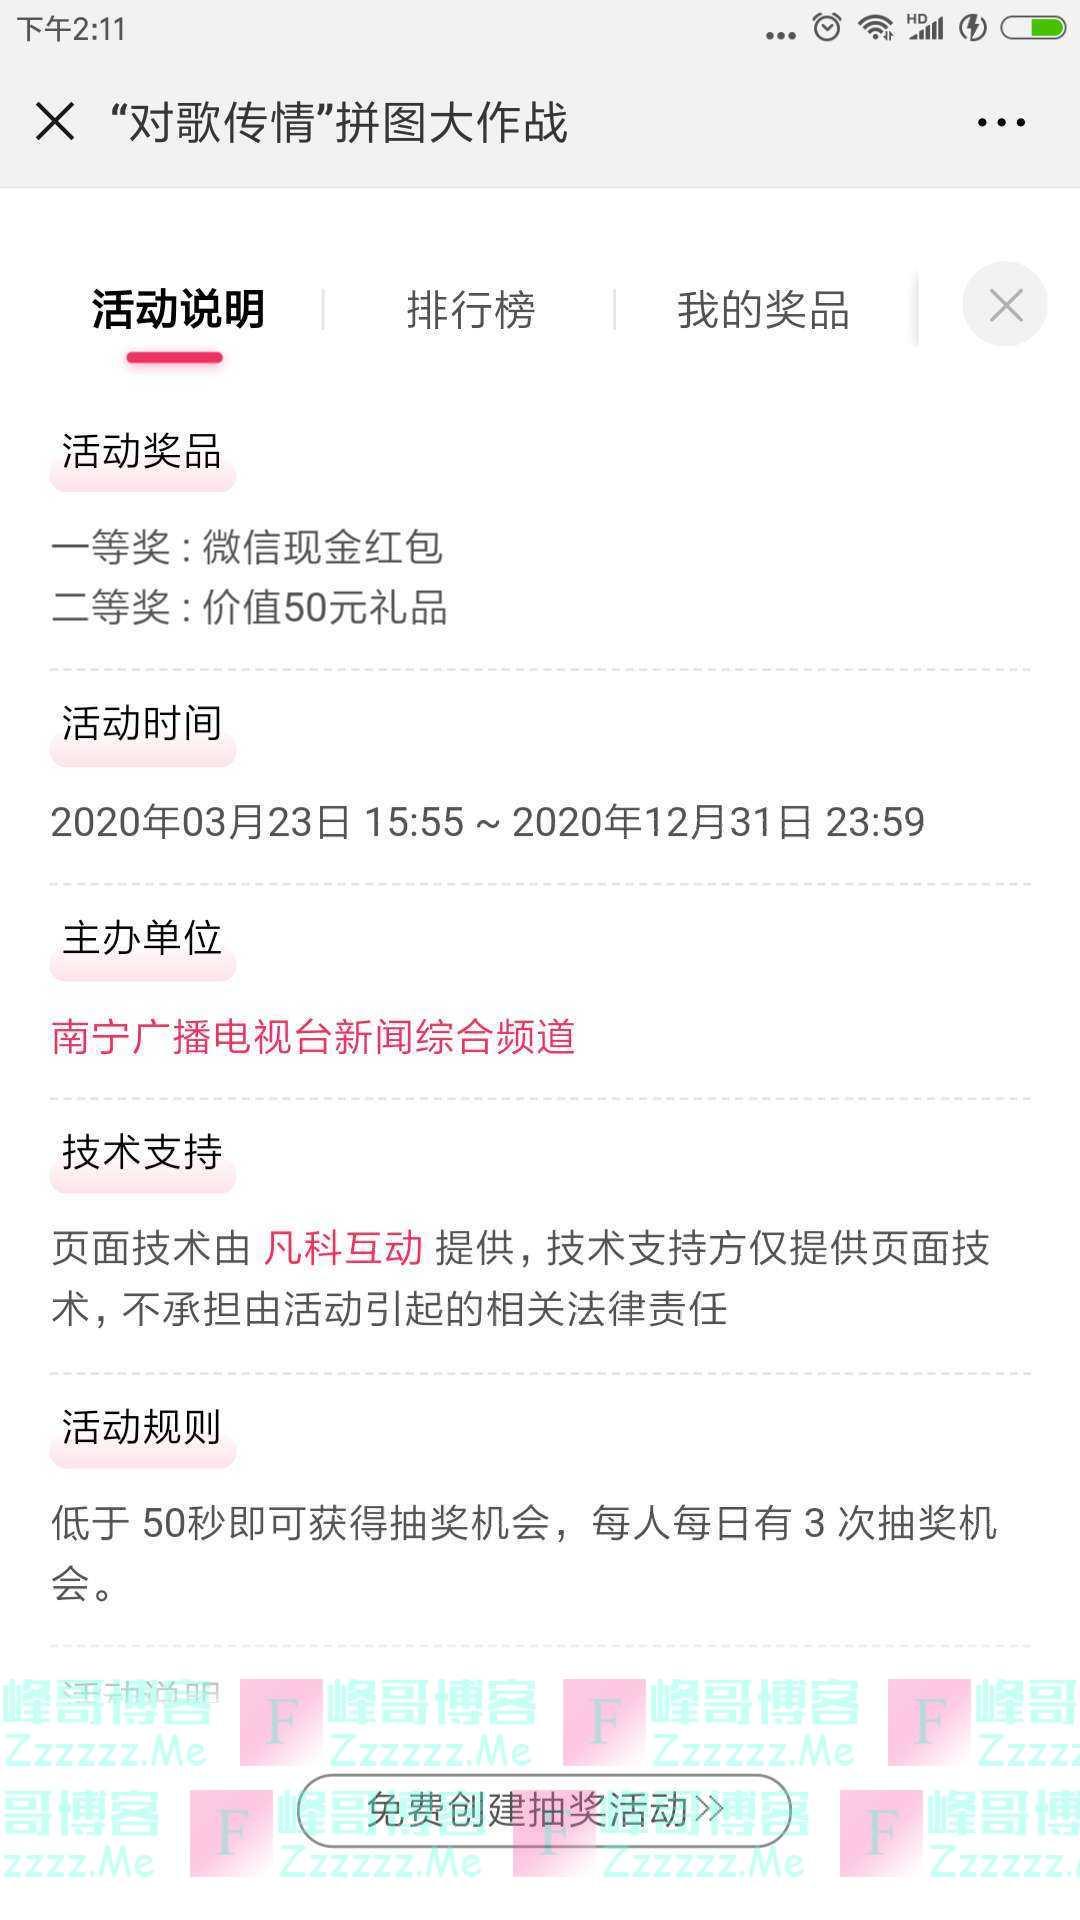 南宁新闻综合频道对歌传情 拼图大作战(截止12月31日)